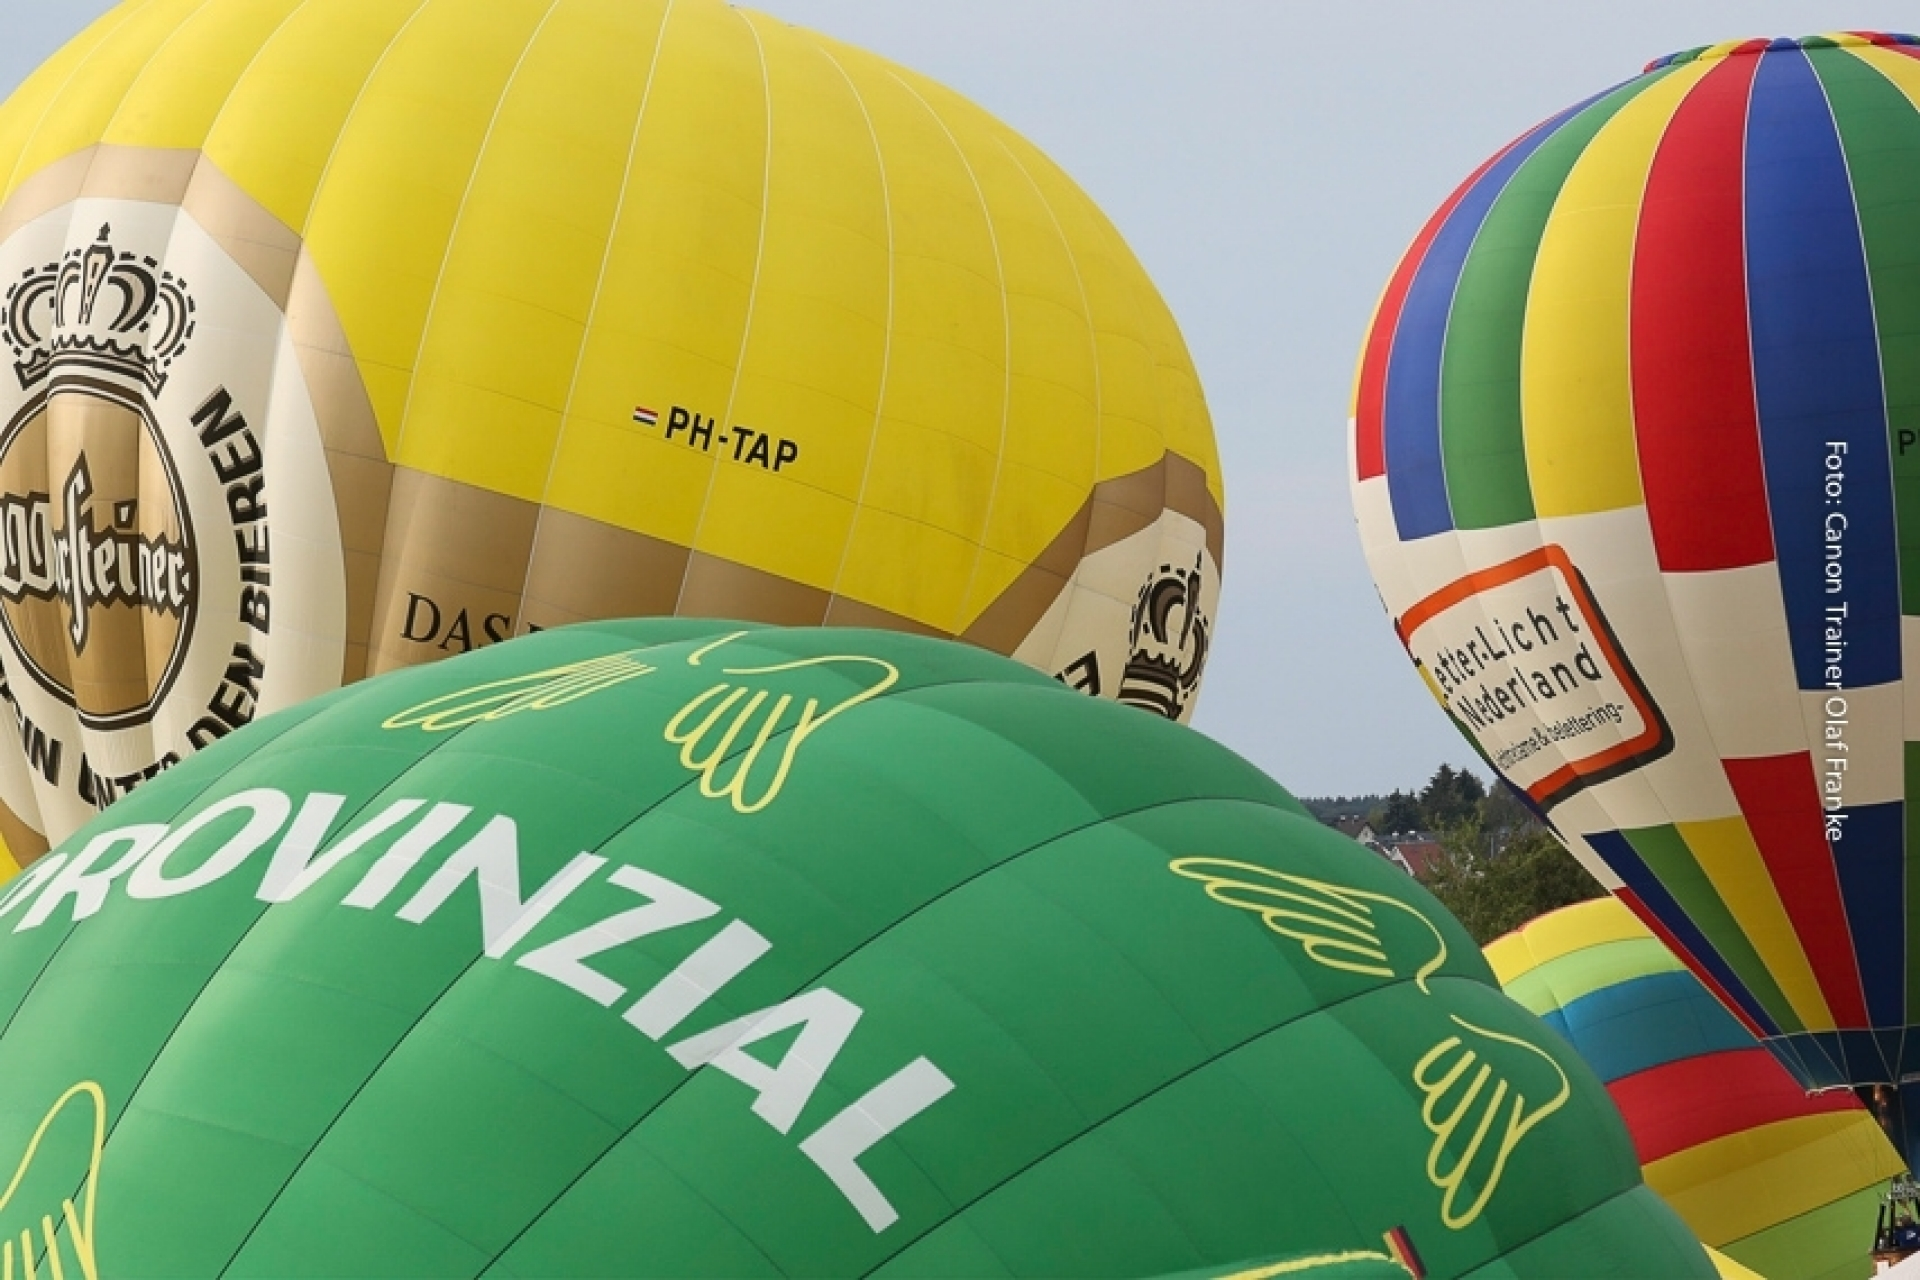 Canon Academy Fotokurs im Rahmen des int. Heißluftballonfestivals (Montgolfiade - WIM) in Warstein (Sauerland)